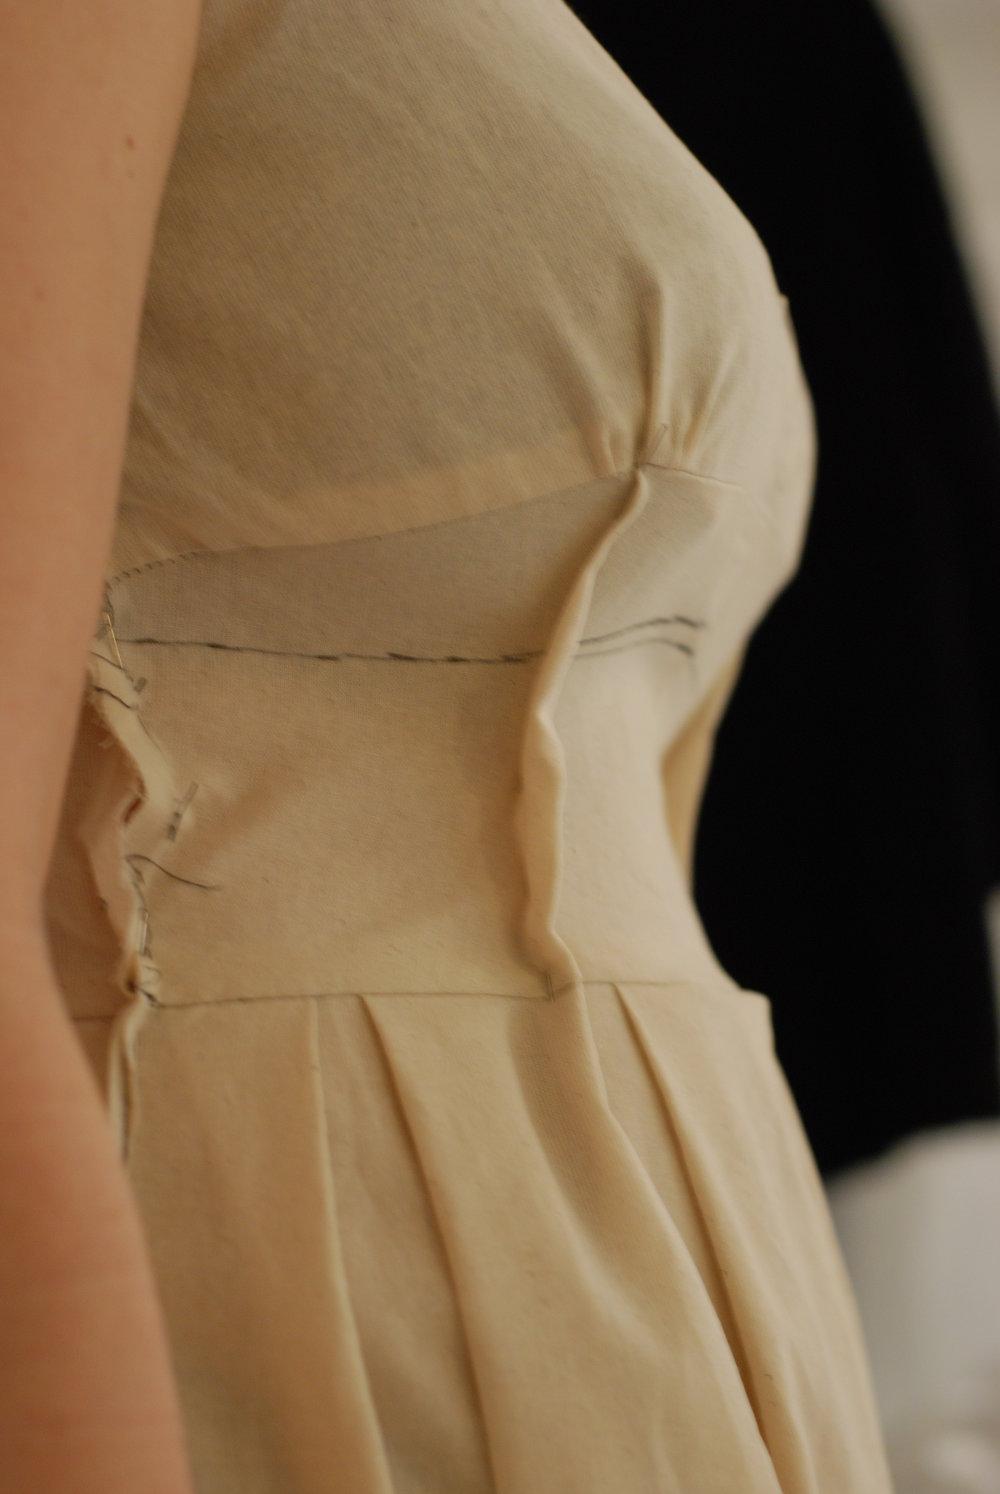 full bust vs. small waist -